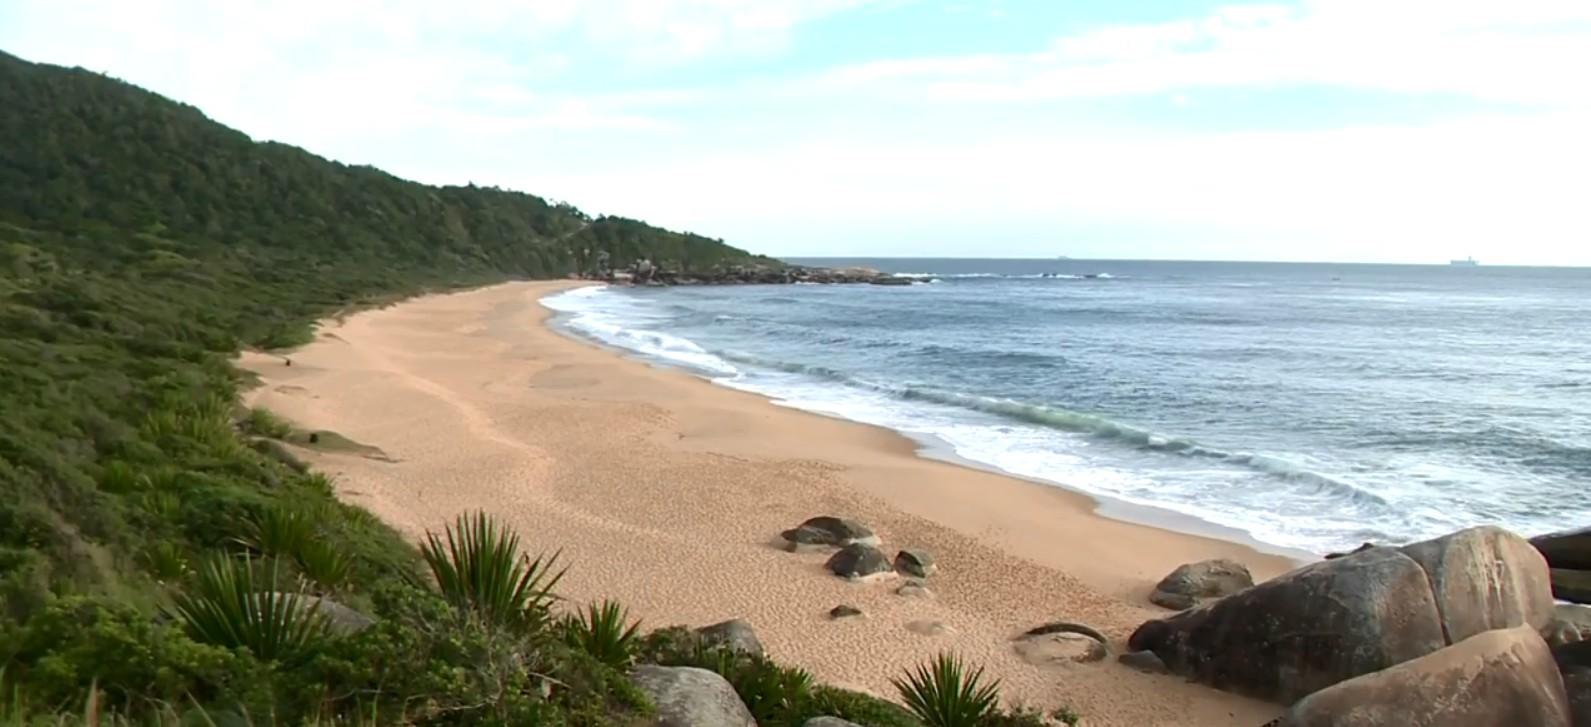 Banco vai leiloar terrenos à beira de praia deserta de SC